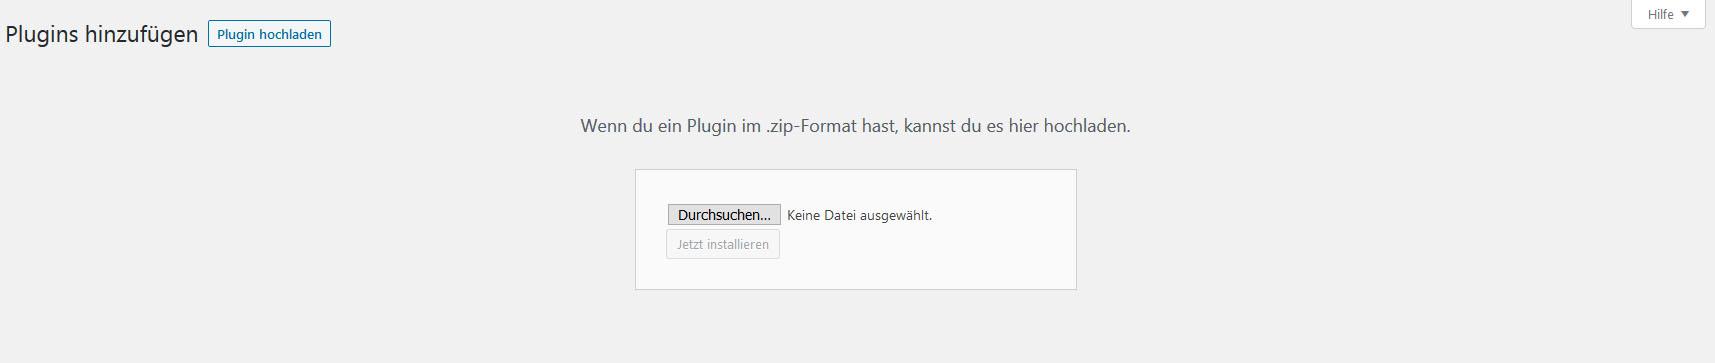 Wordpress Plugins: Der Leitfaden für alle Einsteiger und Anfänger, inkl. Plugin Empfehlungen 10